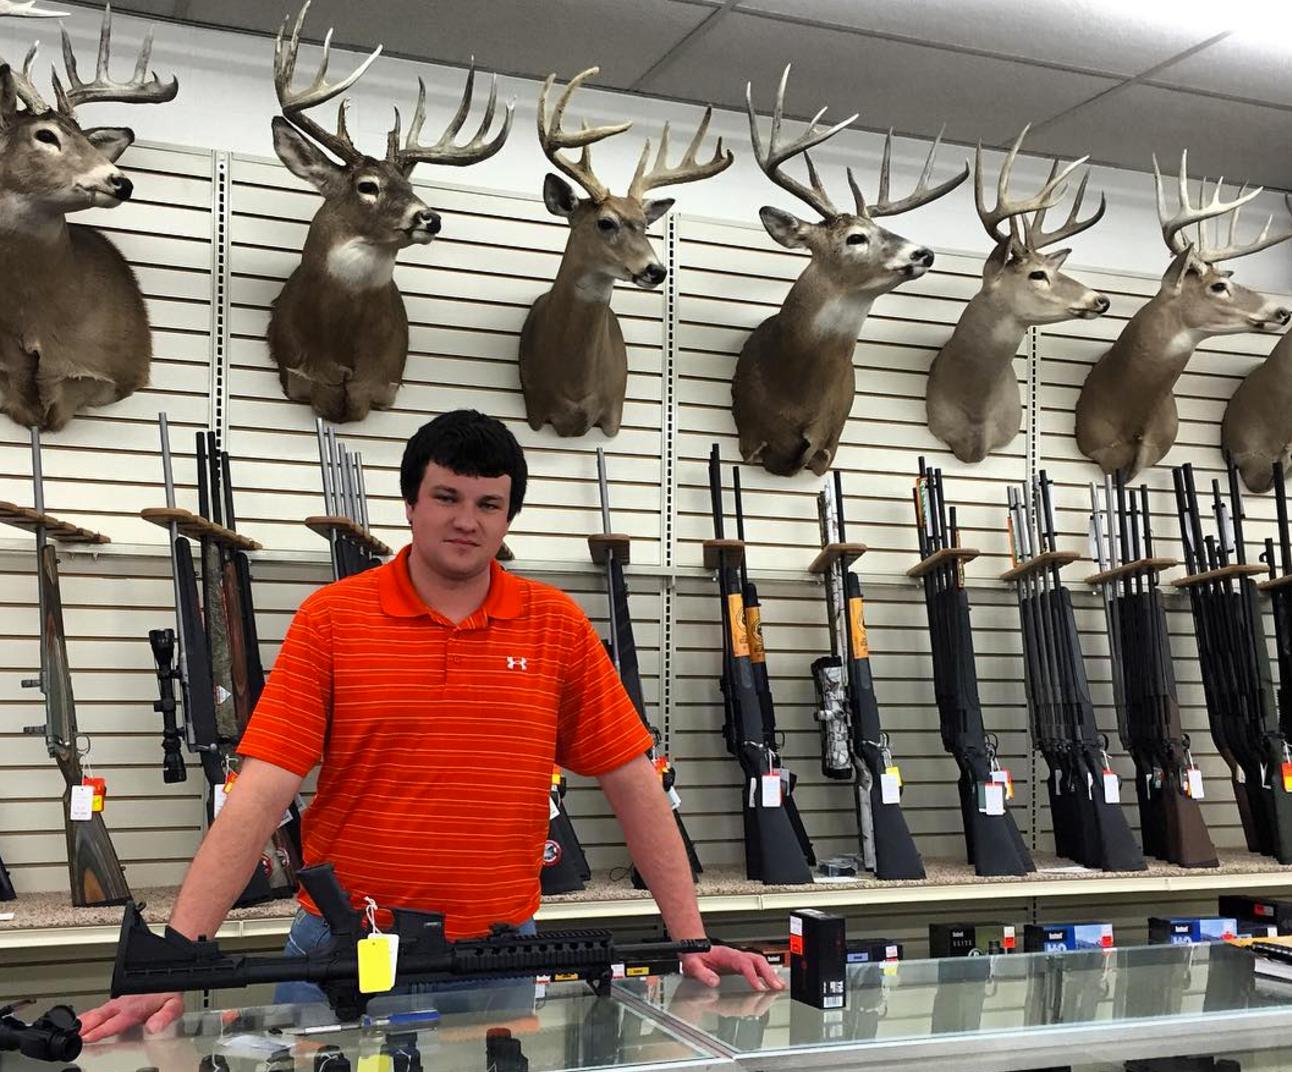 small town gun store clerk